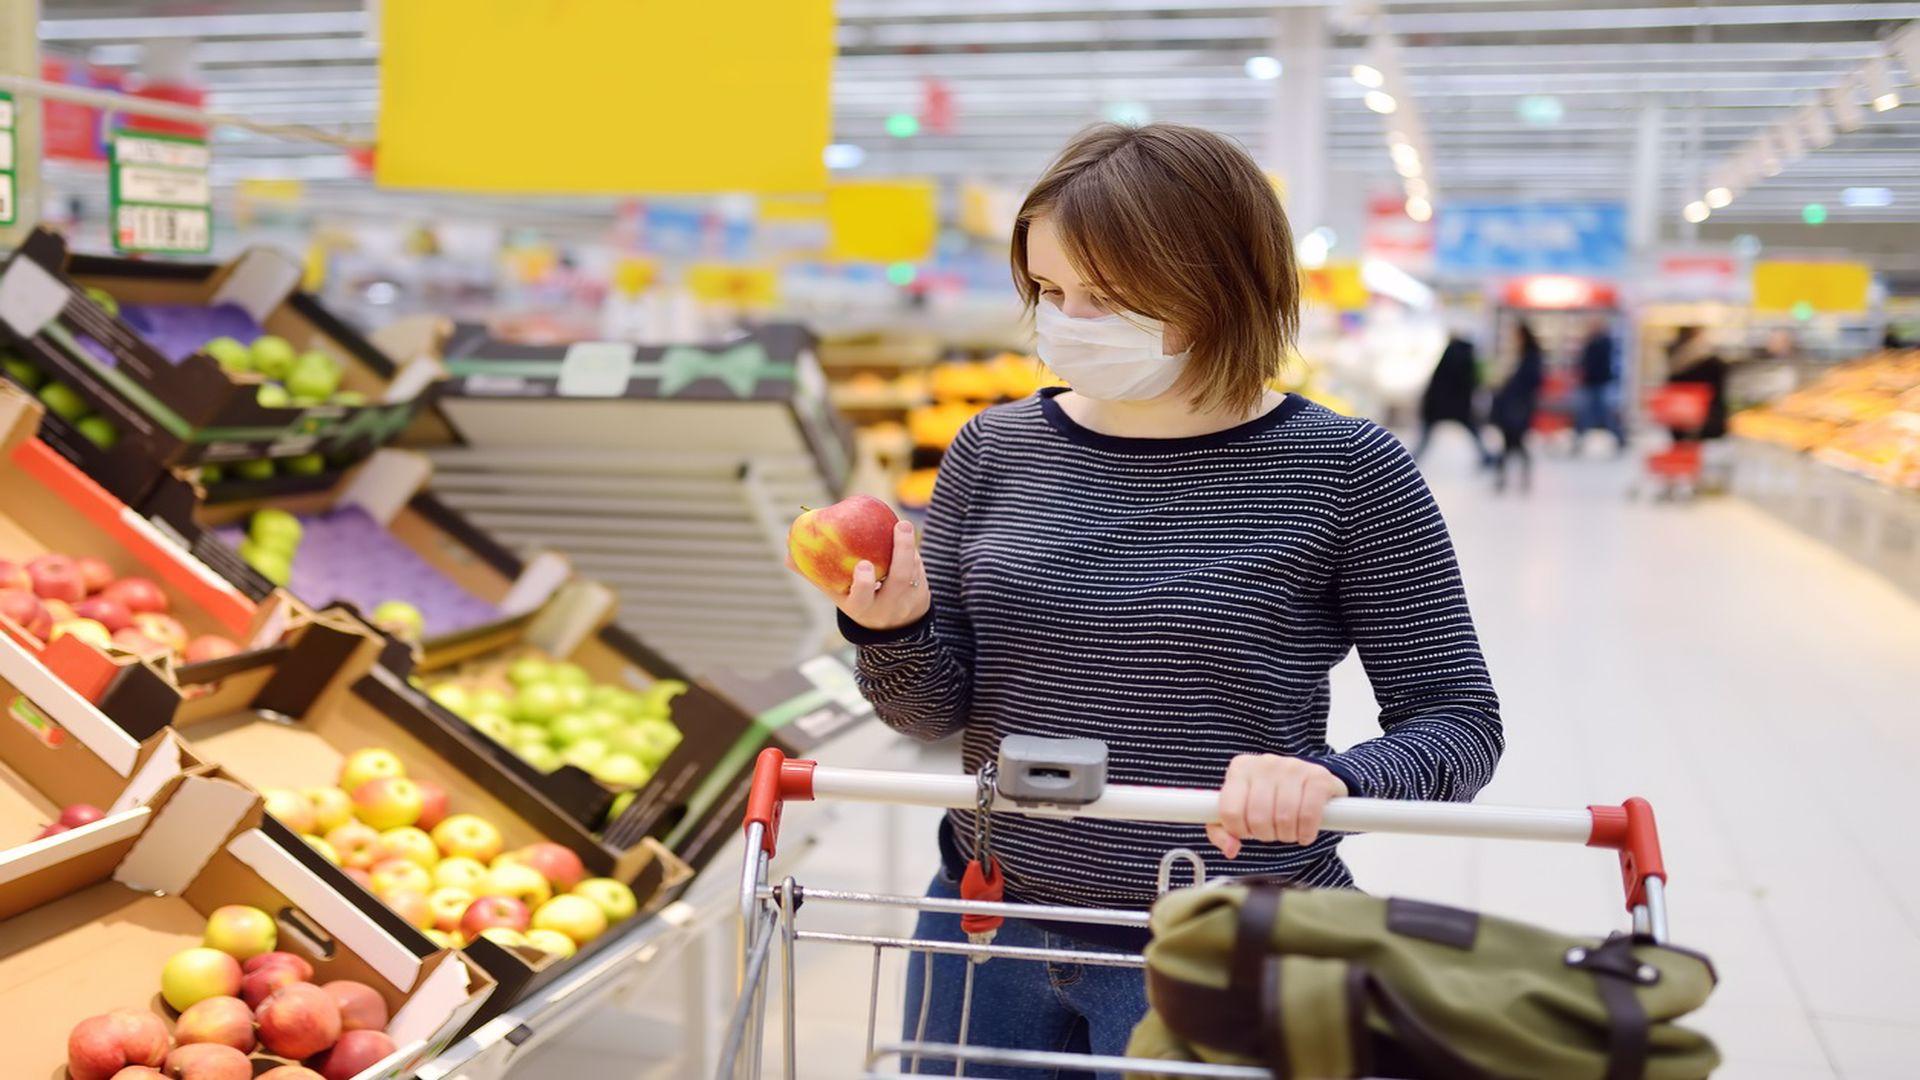 Program Lidl, Auchan, Kaufland, Carrefour. La ce oră se deschid și se închid magazinele de Crăciun, pe 24, 25 și 26 decembrie